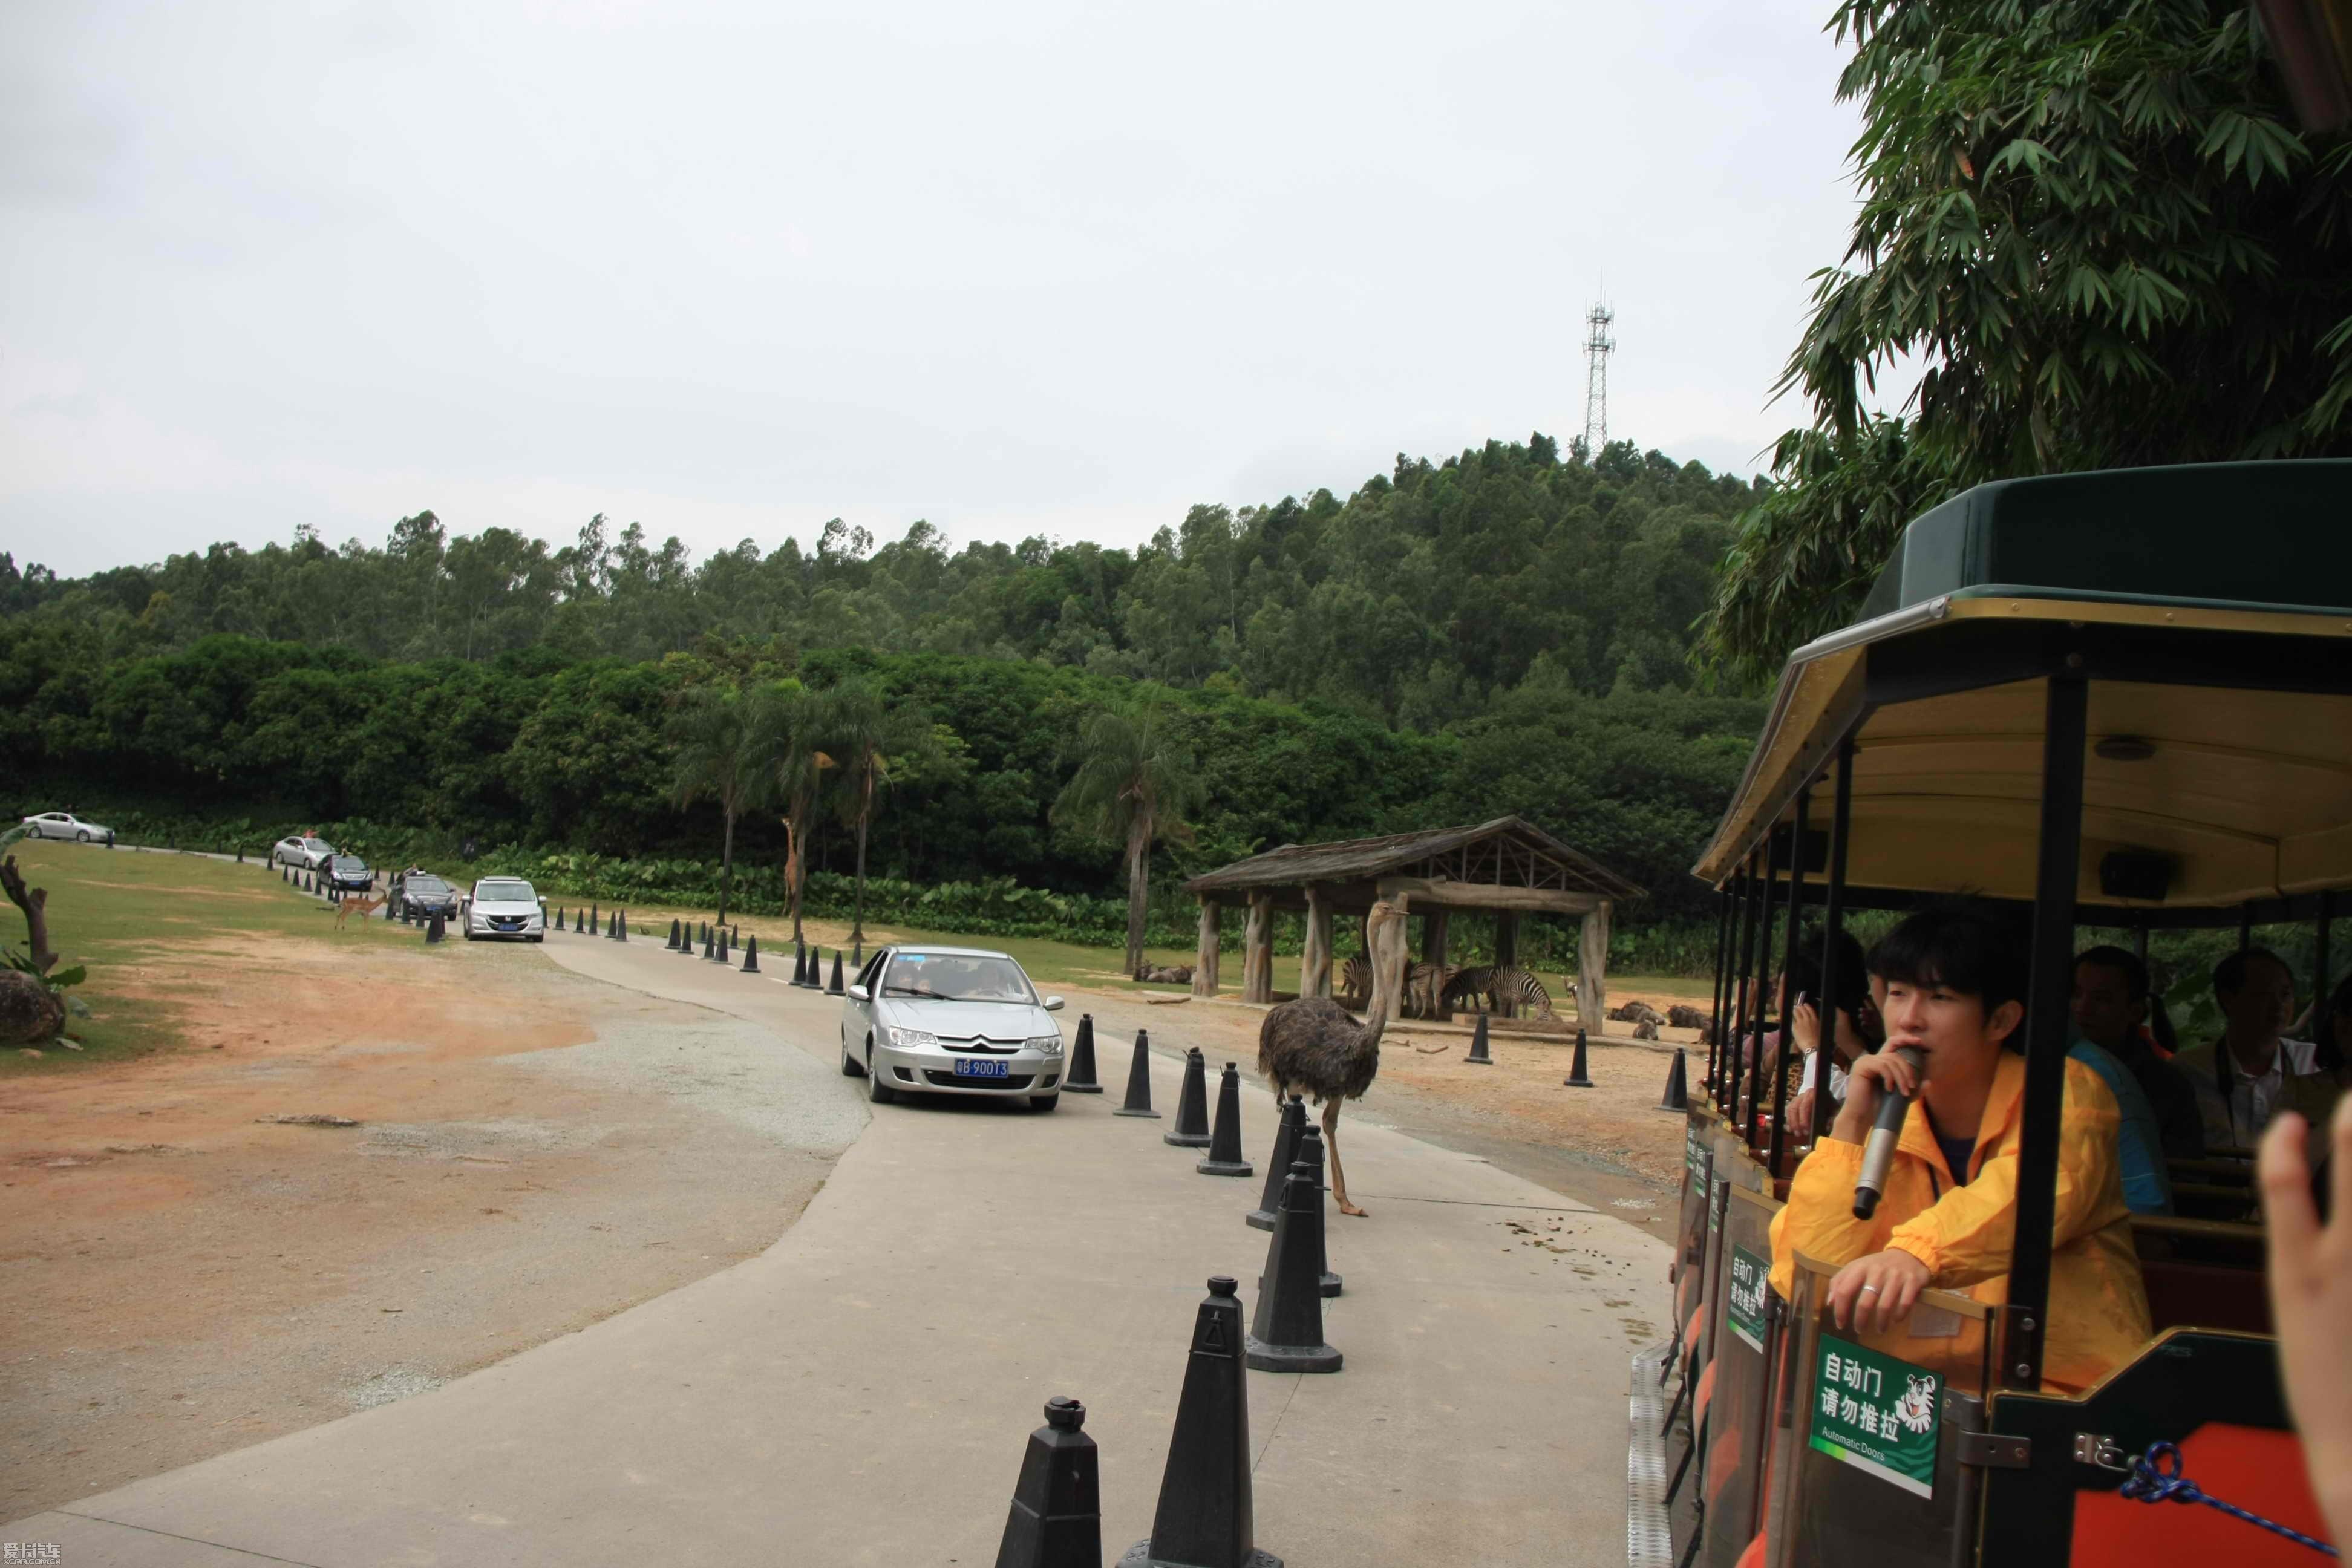 十一长假广州长隆旅游----野生动物园:)